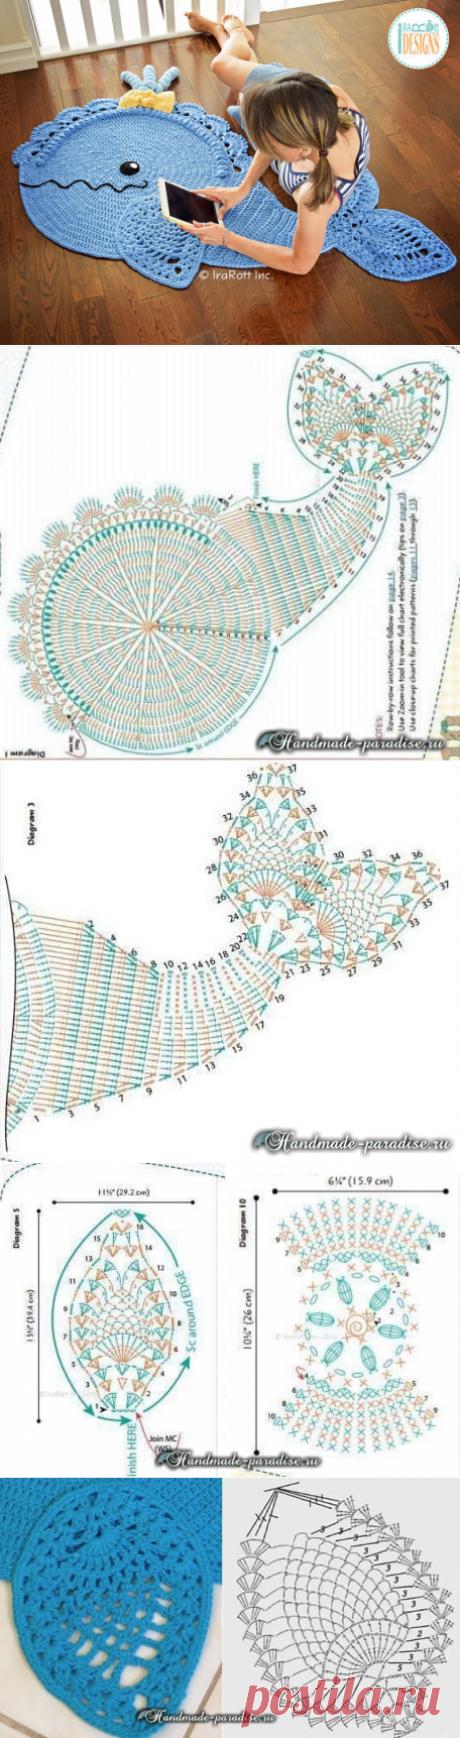 Вяжем забавный коврик в виде рыбки — Сделай сам, идеи для творчества - DIY Ideas